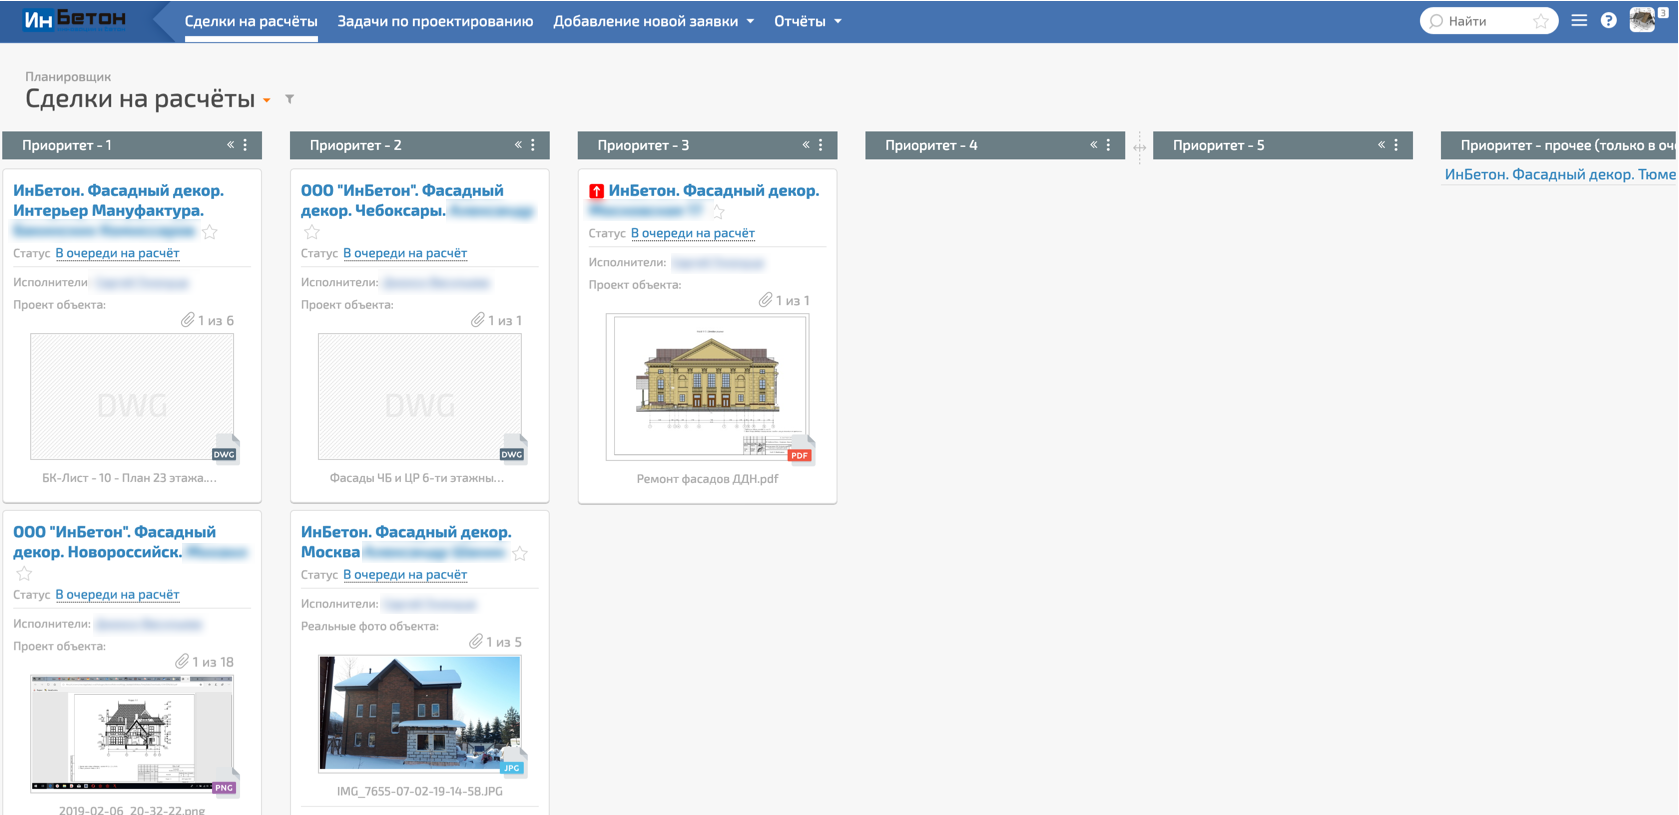 Интерфейс проектировщика производственного предприятия в ПланФиксе